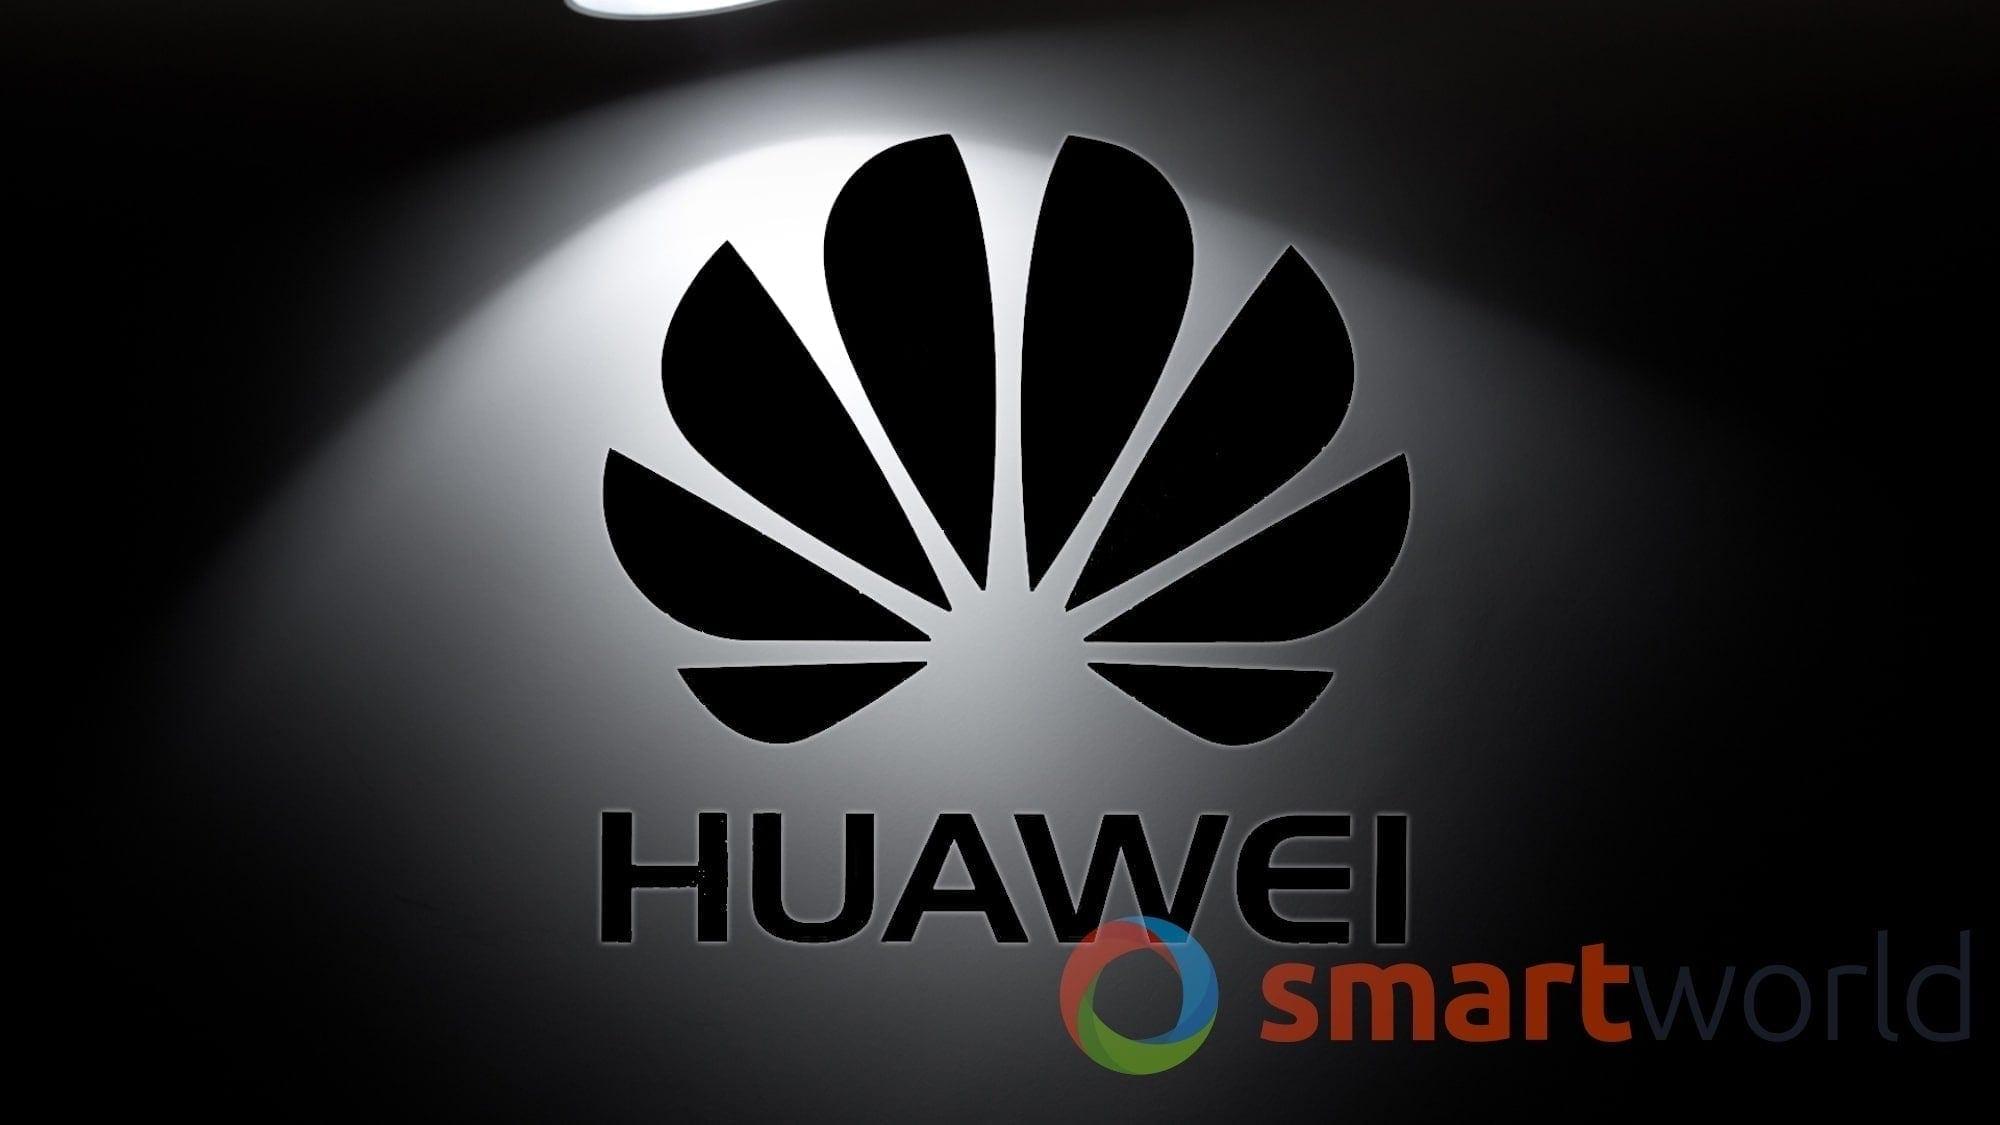 La conferenza per gli sviluppatori di Huawei dal 10 settembre: EMUI 11 basata su Android 11 e non solo? (aggiornato)